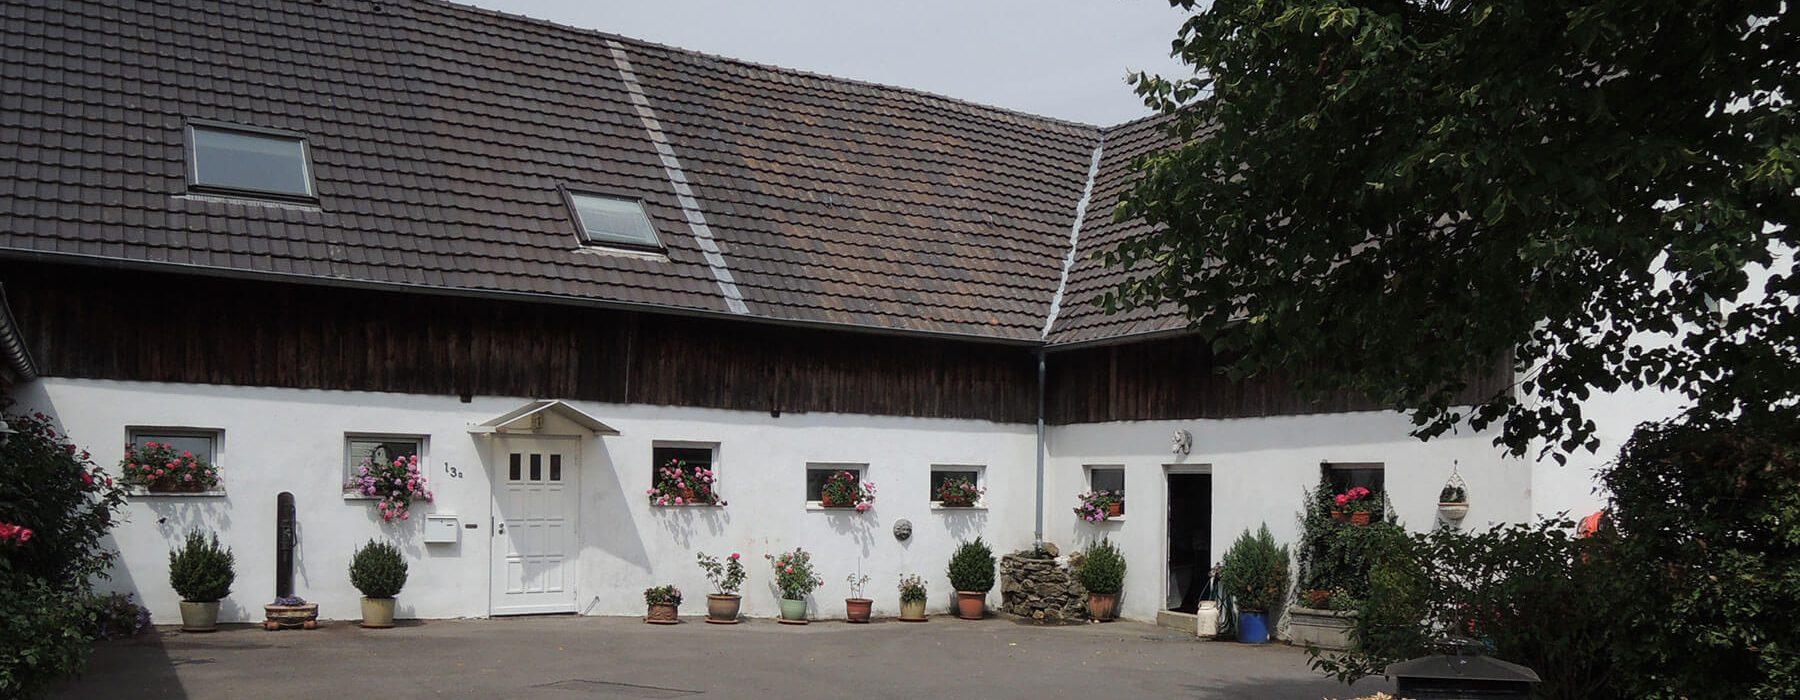 Landidylle mit parkähnlichem Garten – Außenaufnahme Haus mit Vorplatz